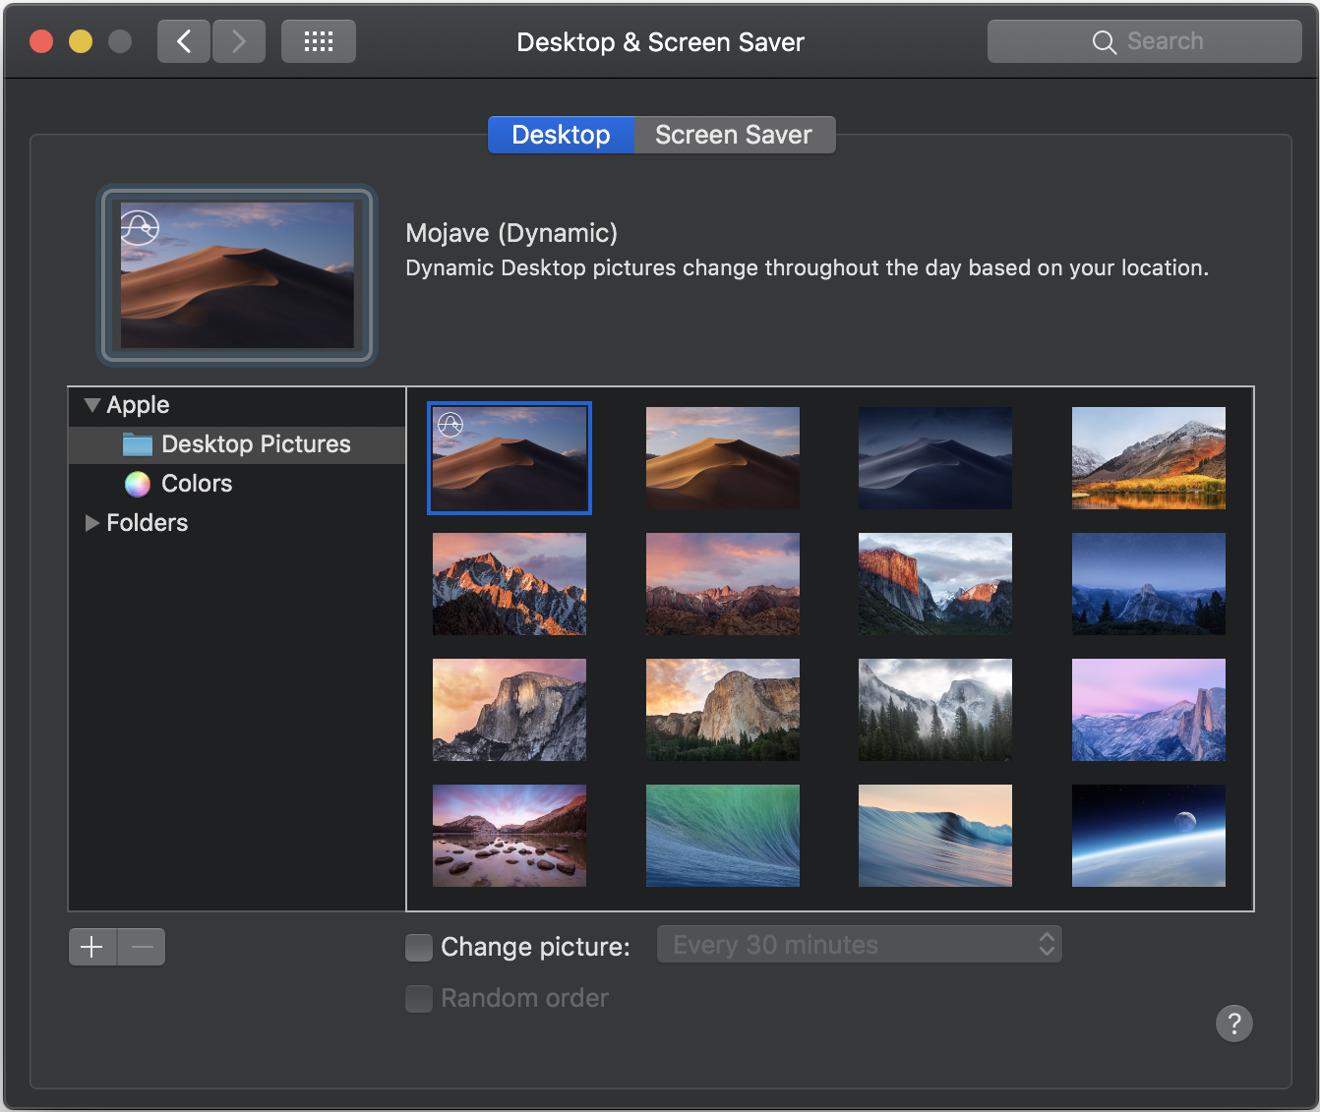 Mojave Dynamic Desktop